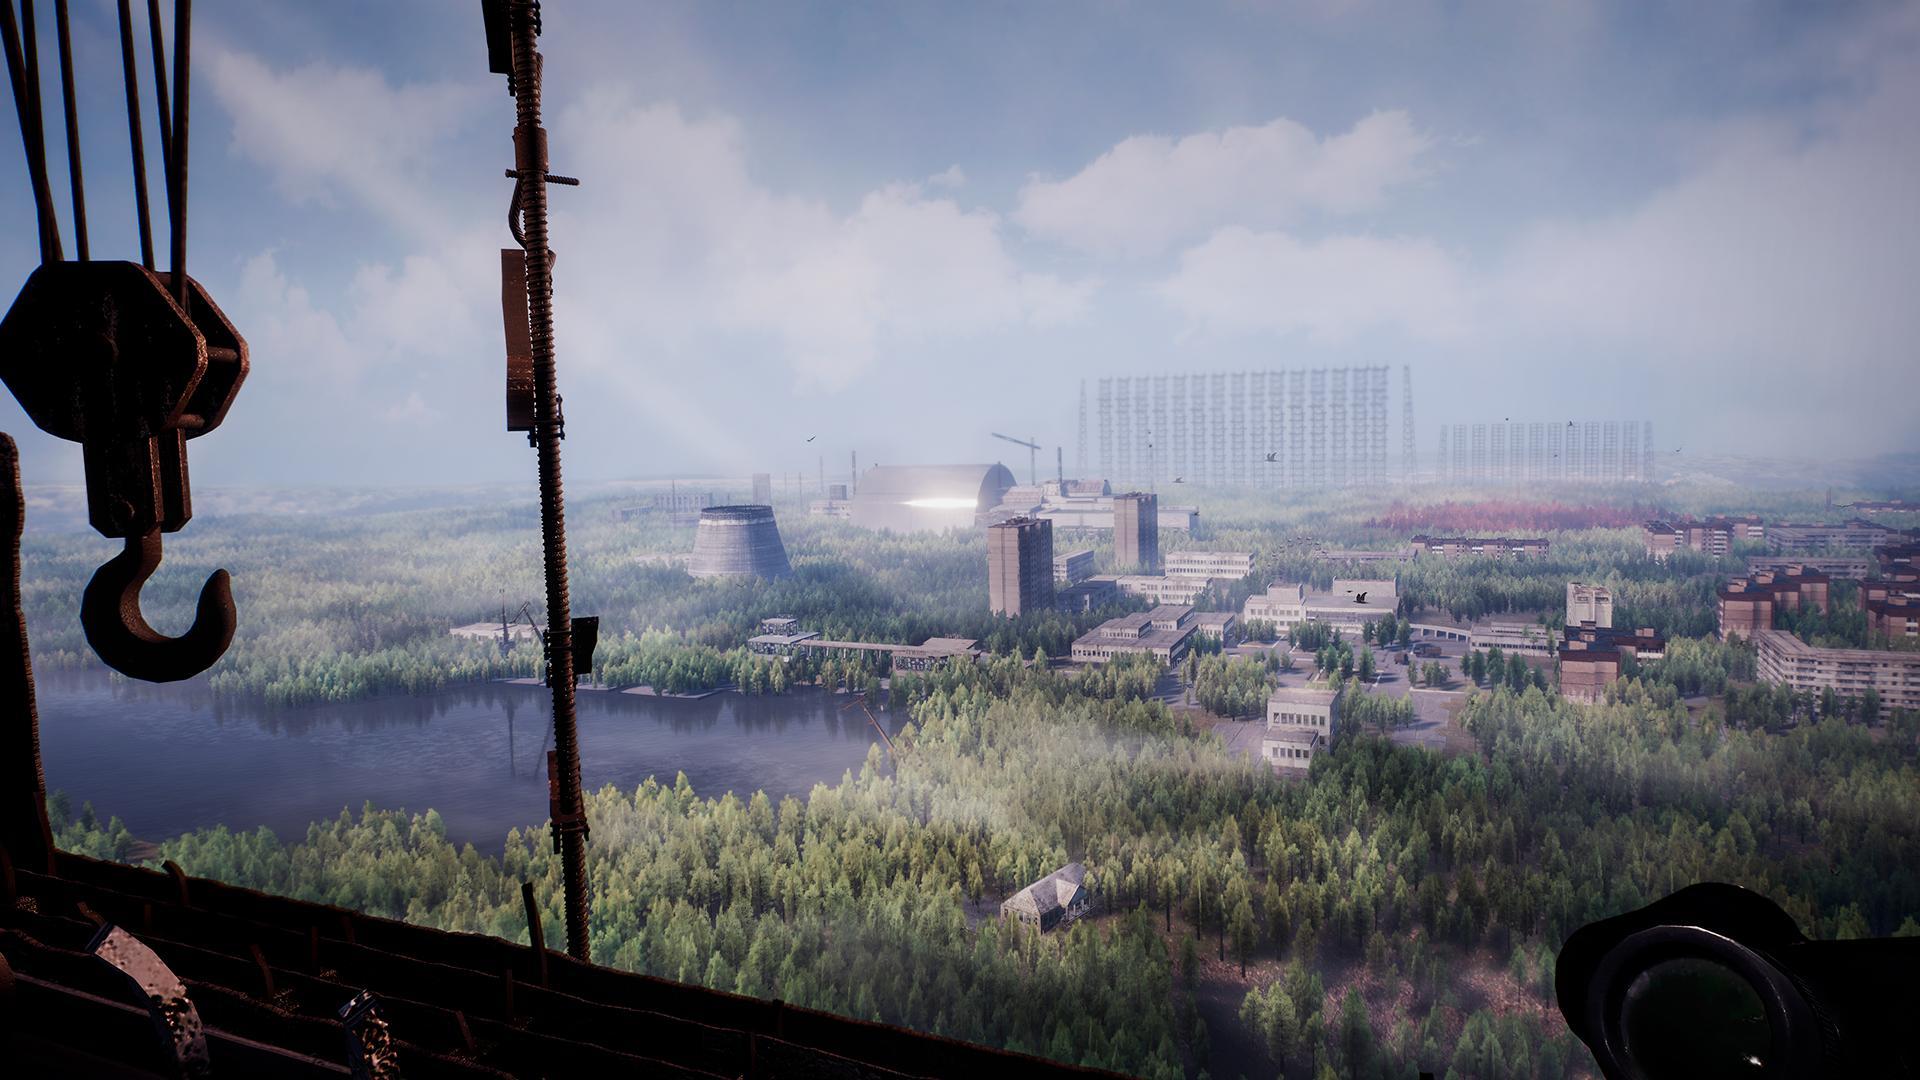 Chernobylite wprowadza polską wersję językowa. Idą inne aktualizacje 5